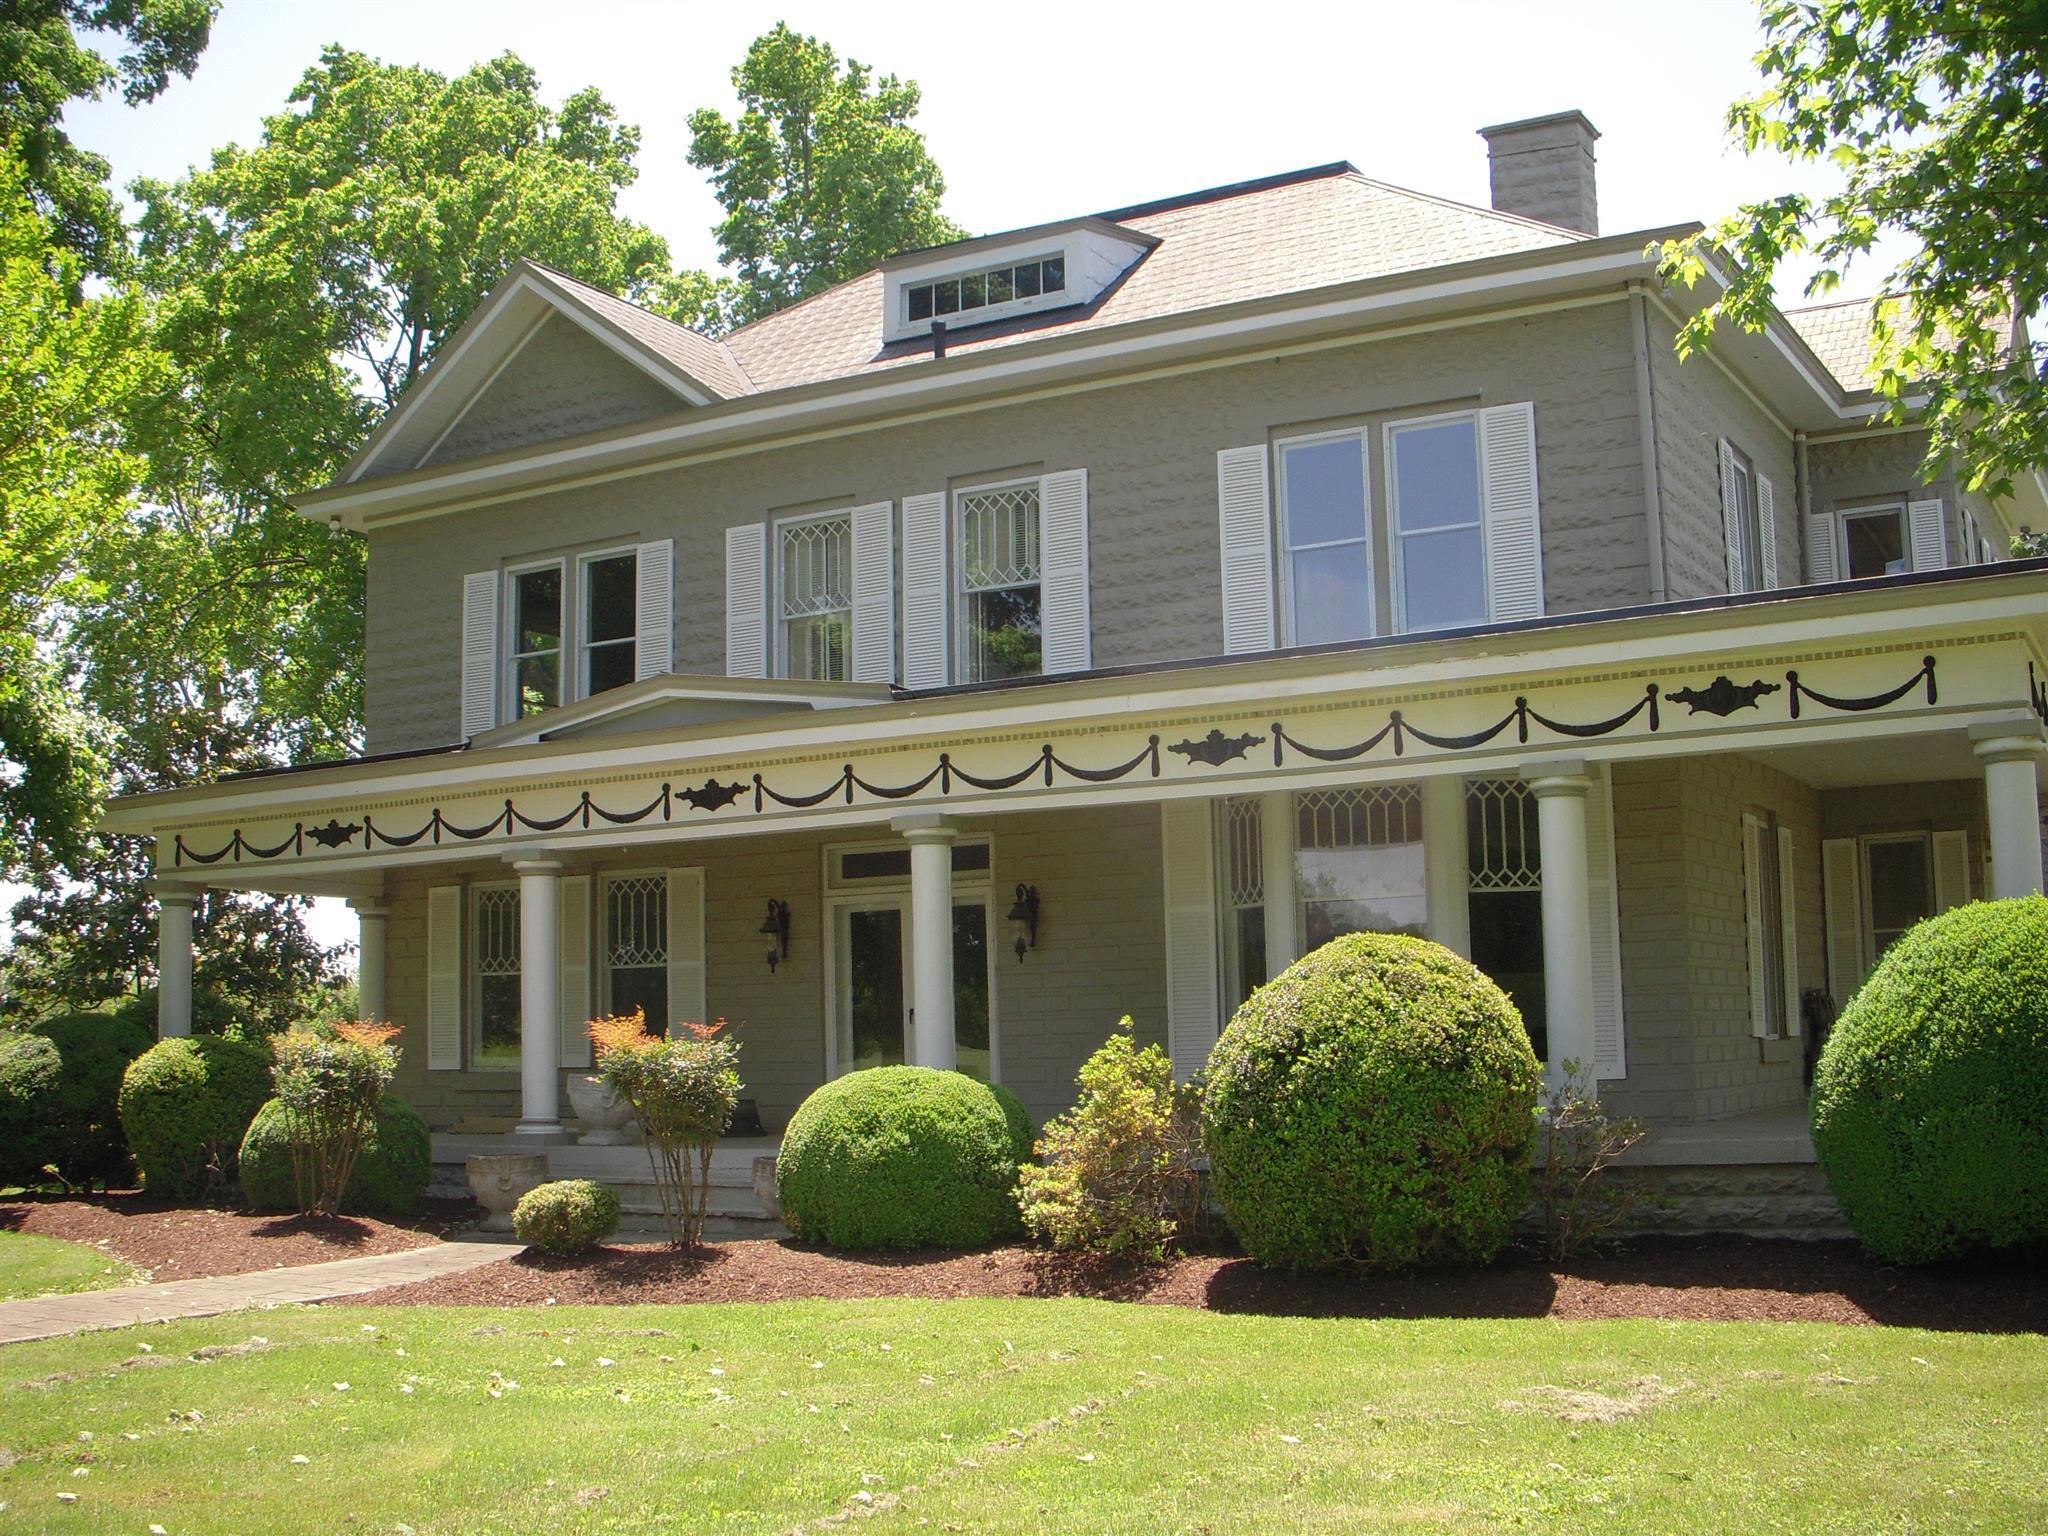 502 S Church St, Adams, TN 37010